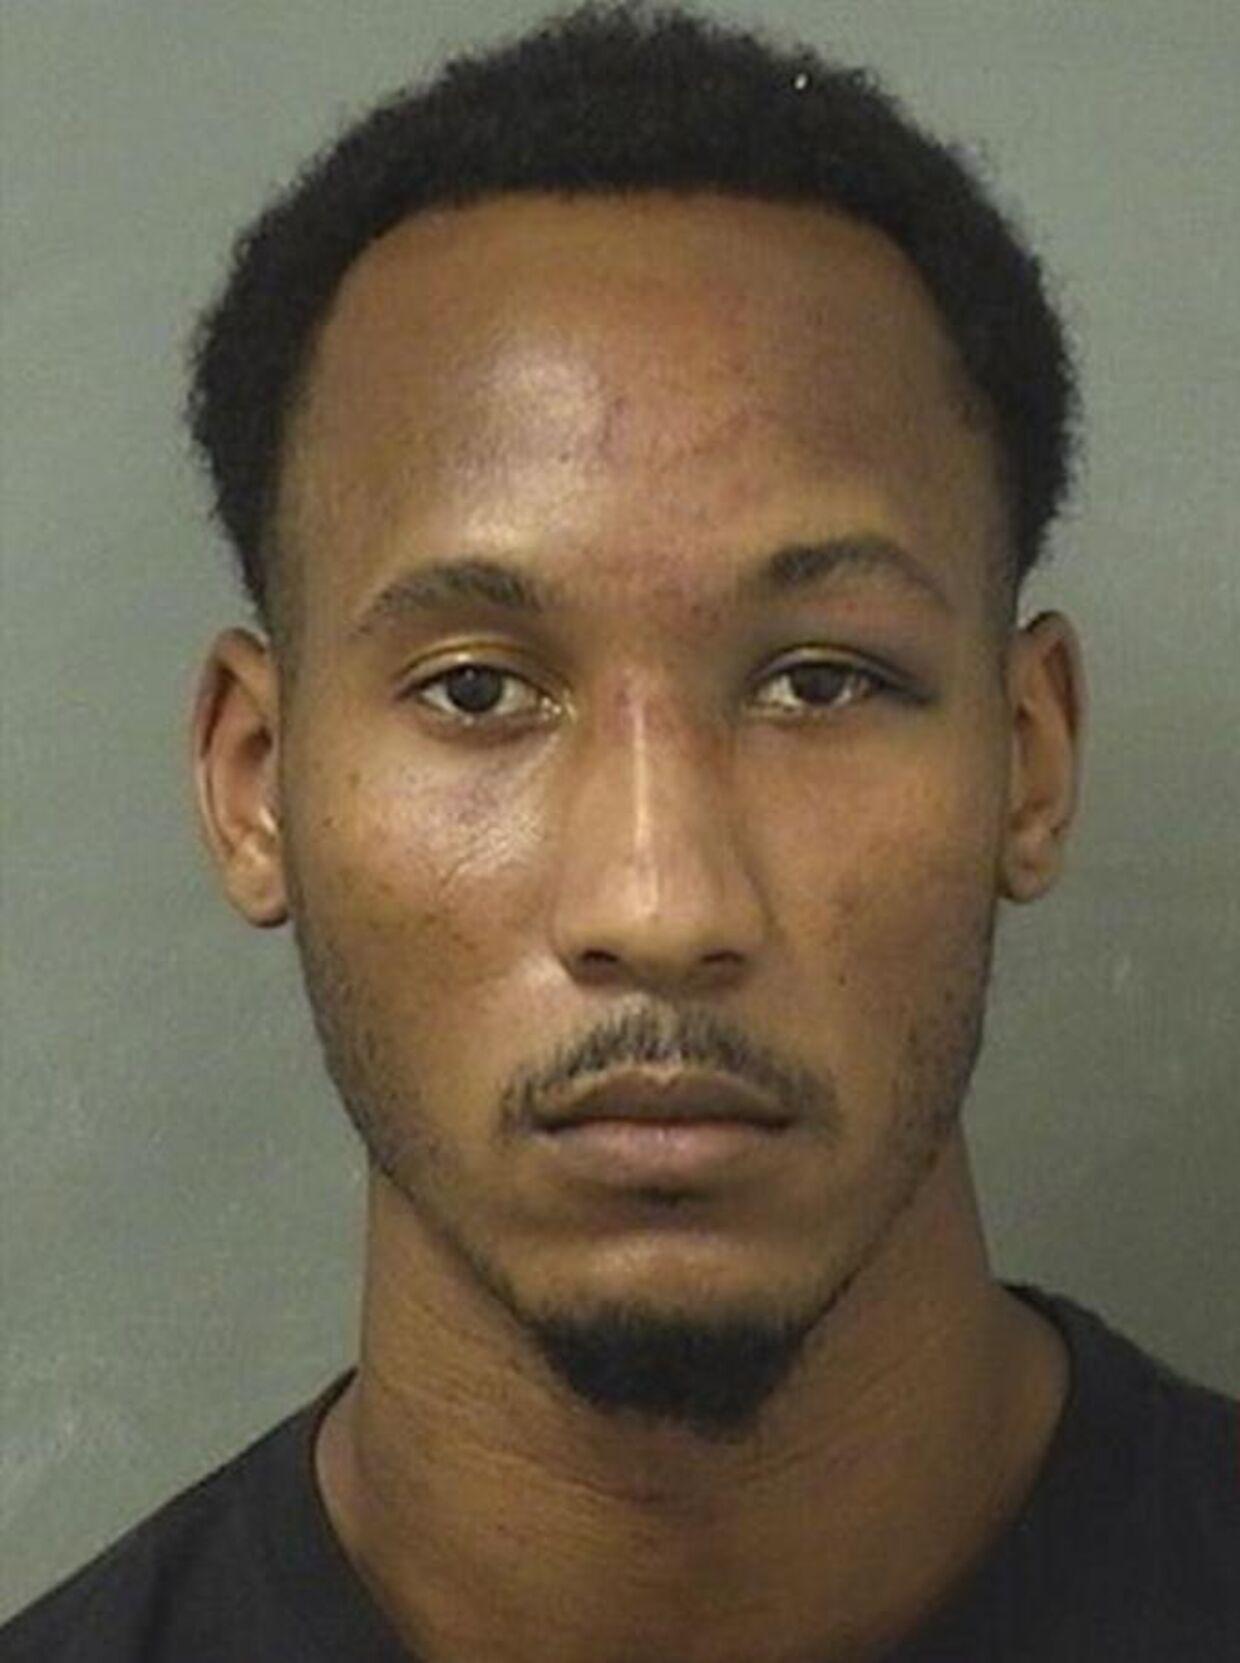 Travis Rudolph er blevet anholdt og sigtet for mord.